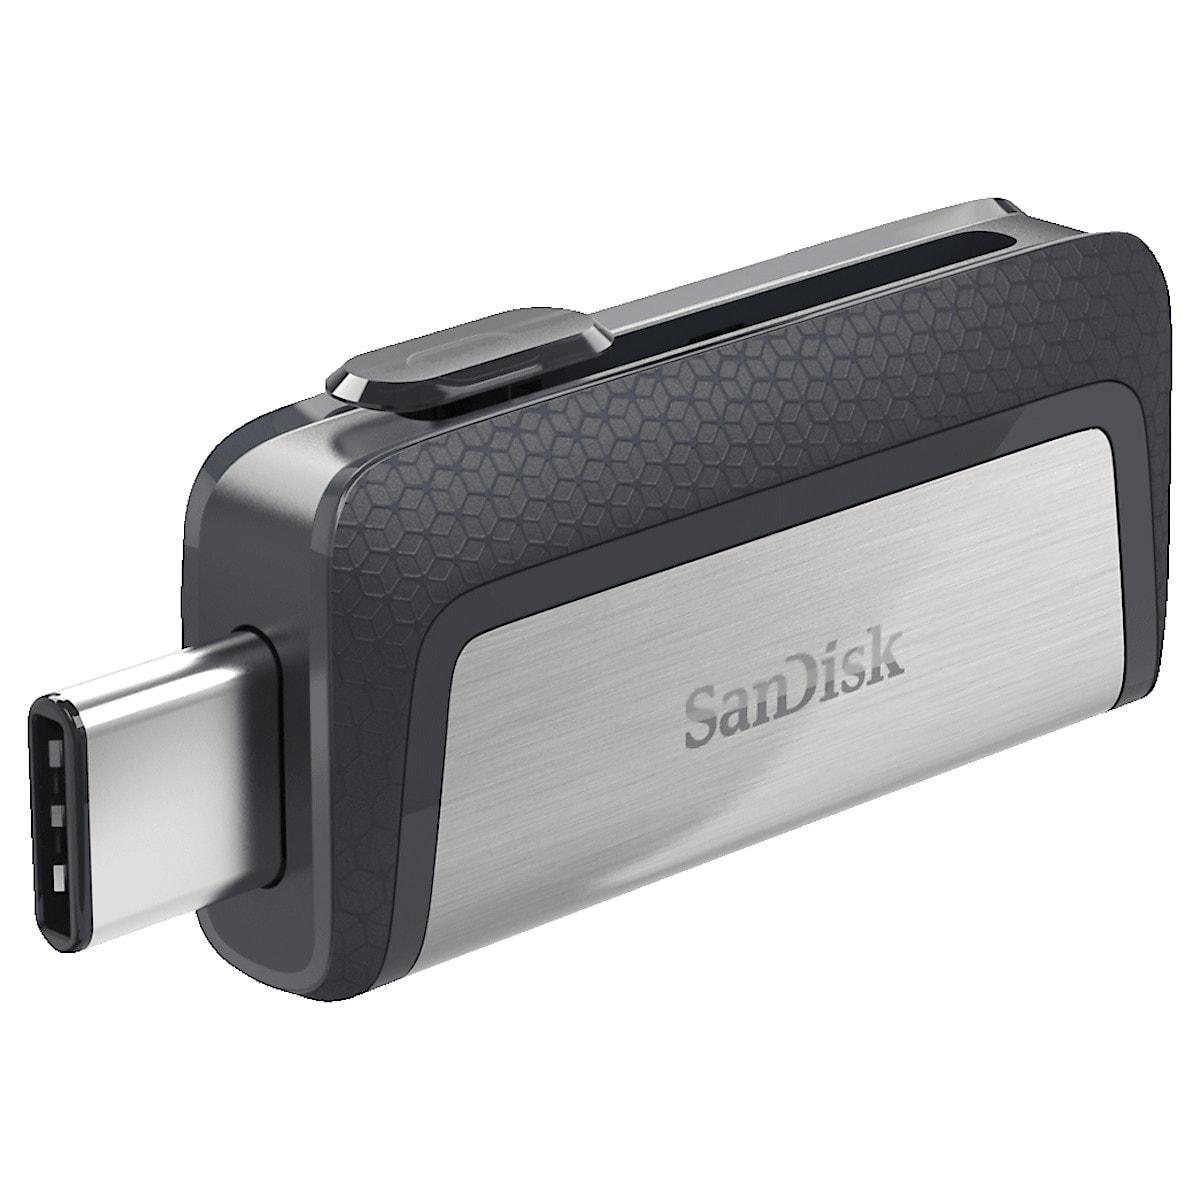 USB-minne Sandisk Ultra Dual Drive USB-C 3.1